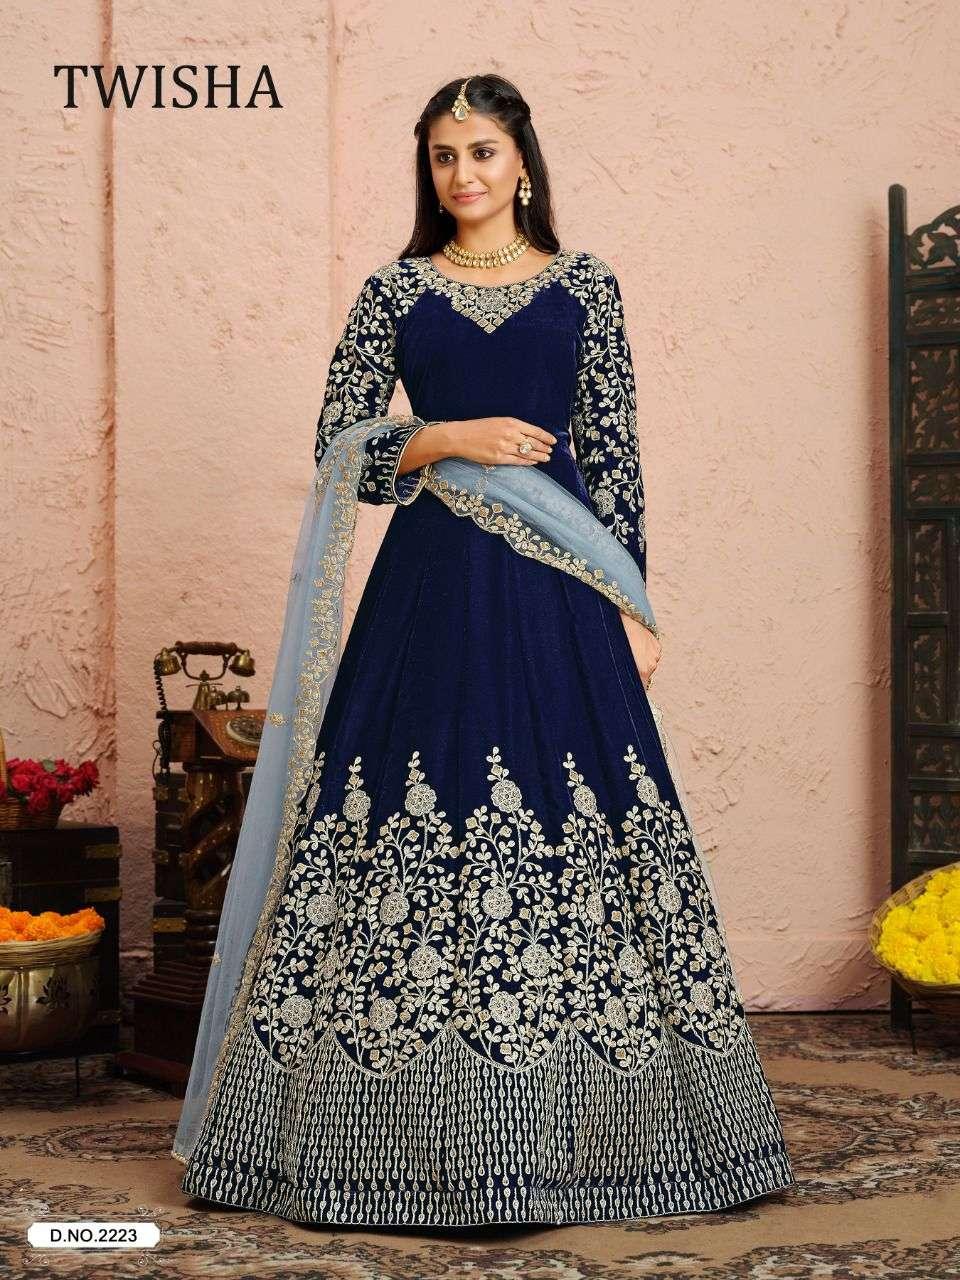 Aanaya Twisha Vol 22 Heavy Work Anarkali Dress Catalog Wholesaler